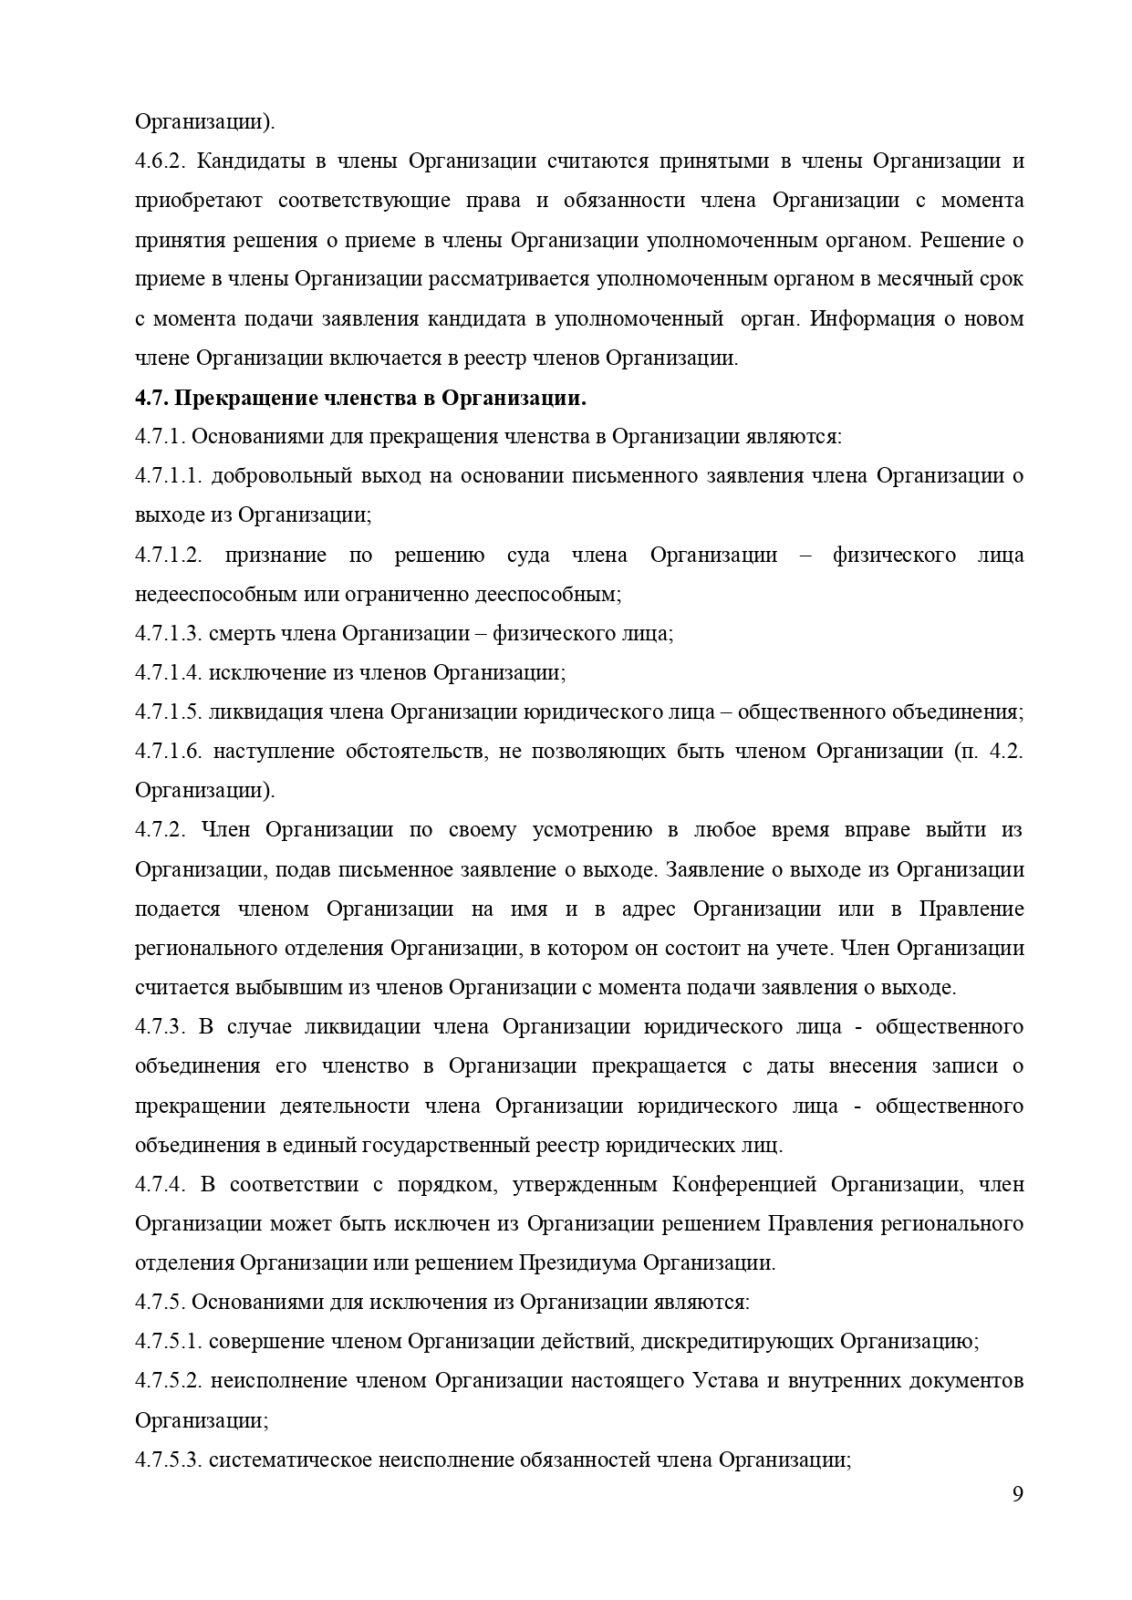 ustav_GKR_page-0009